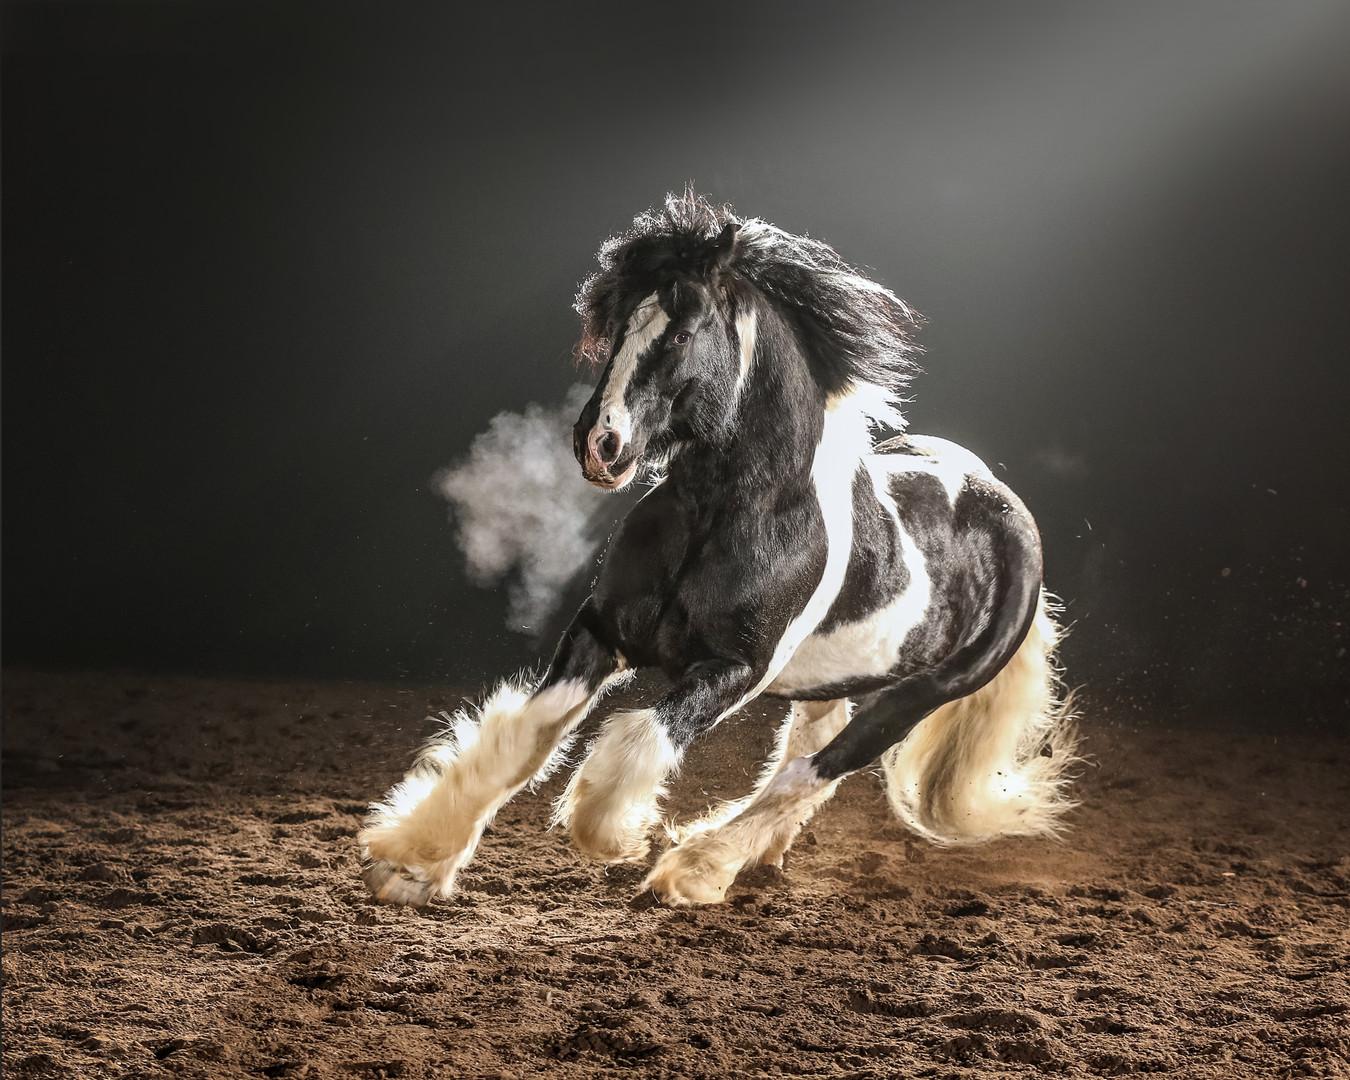 Romeo. our Drum stallion